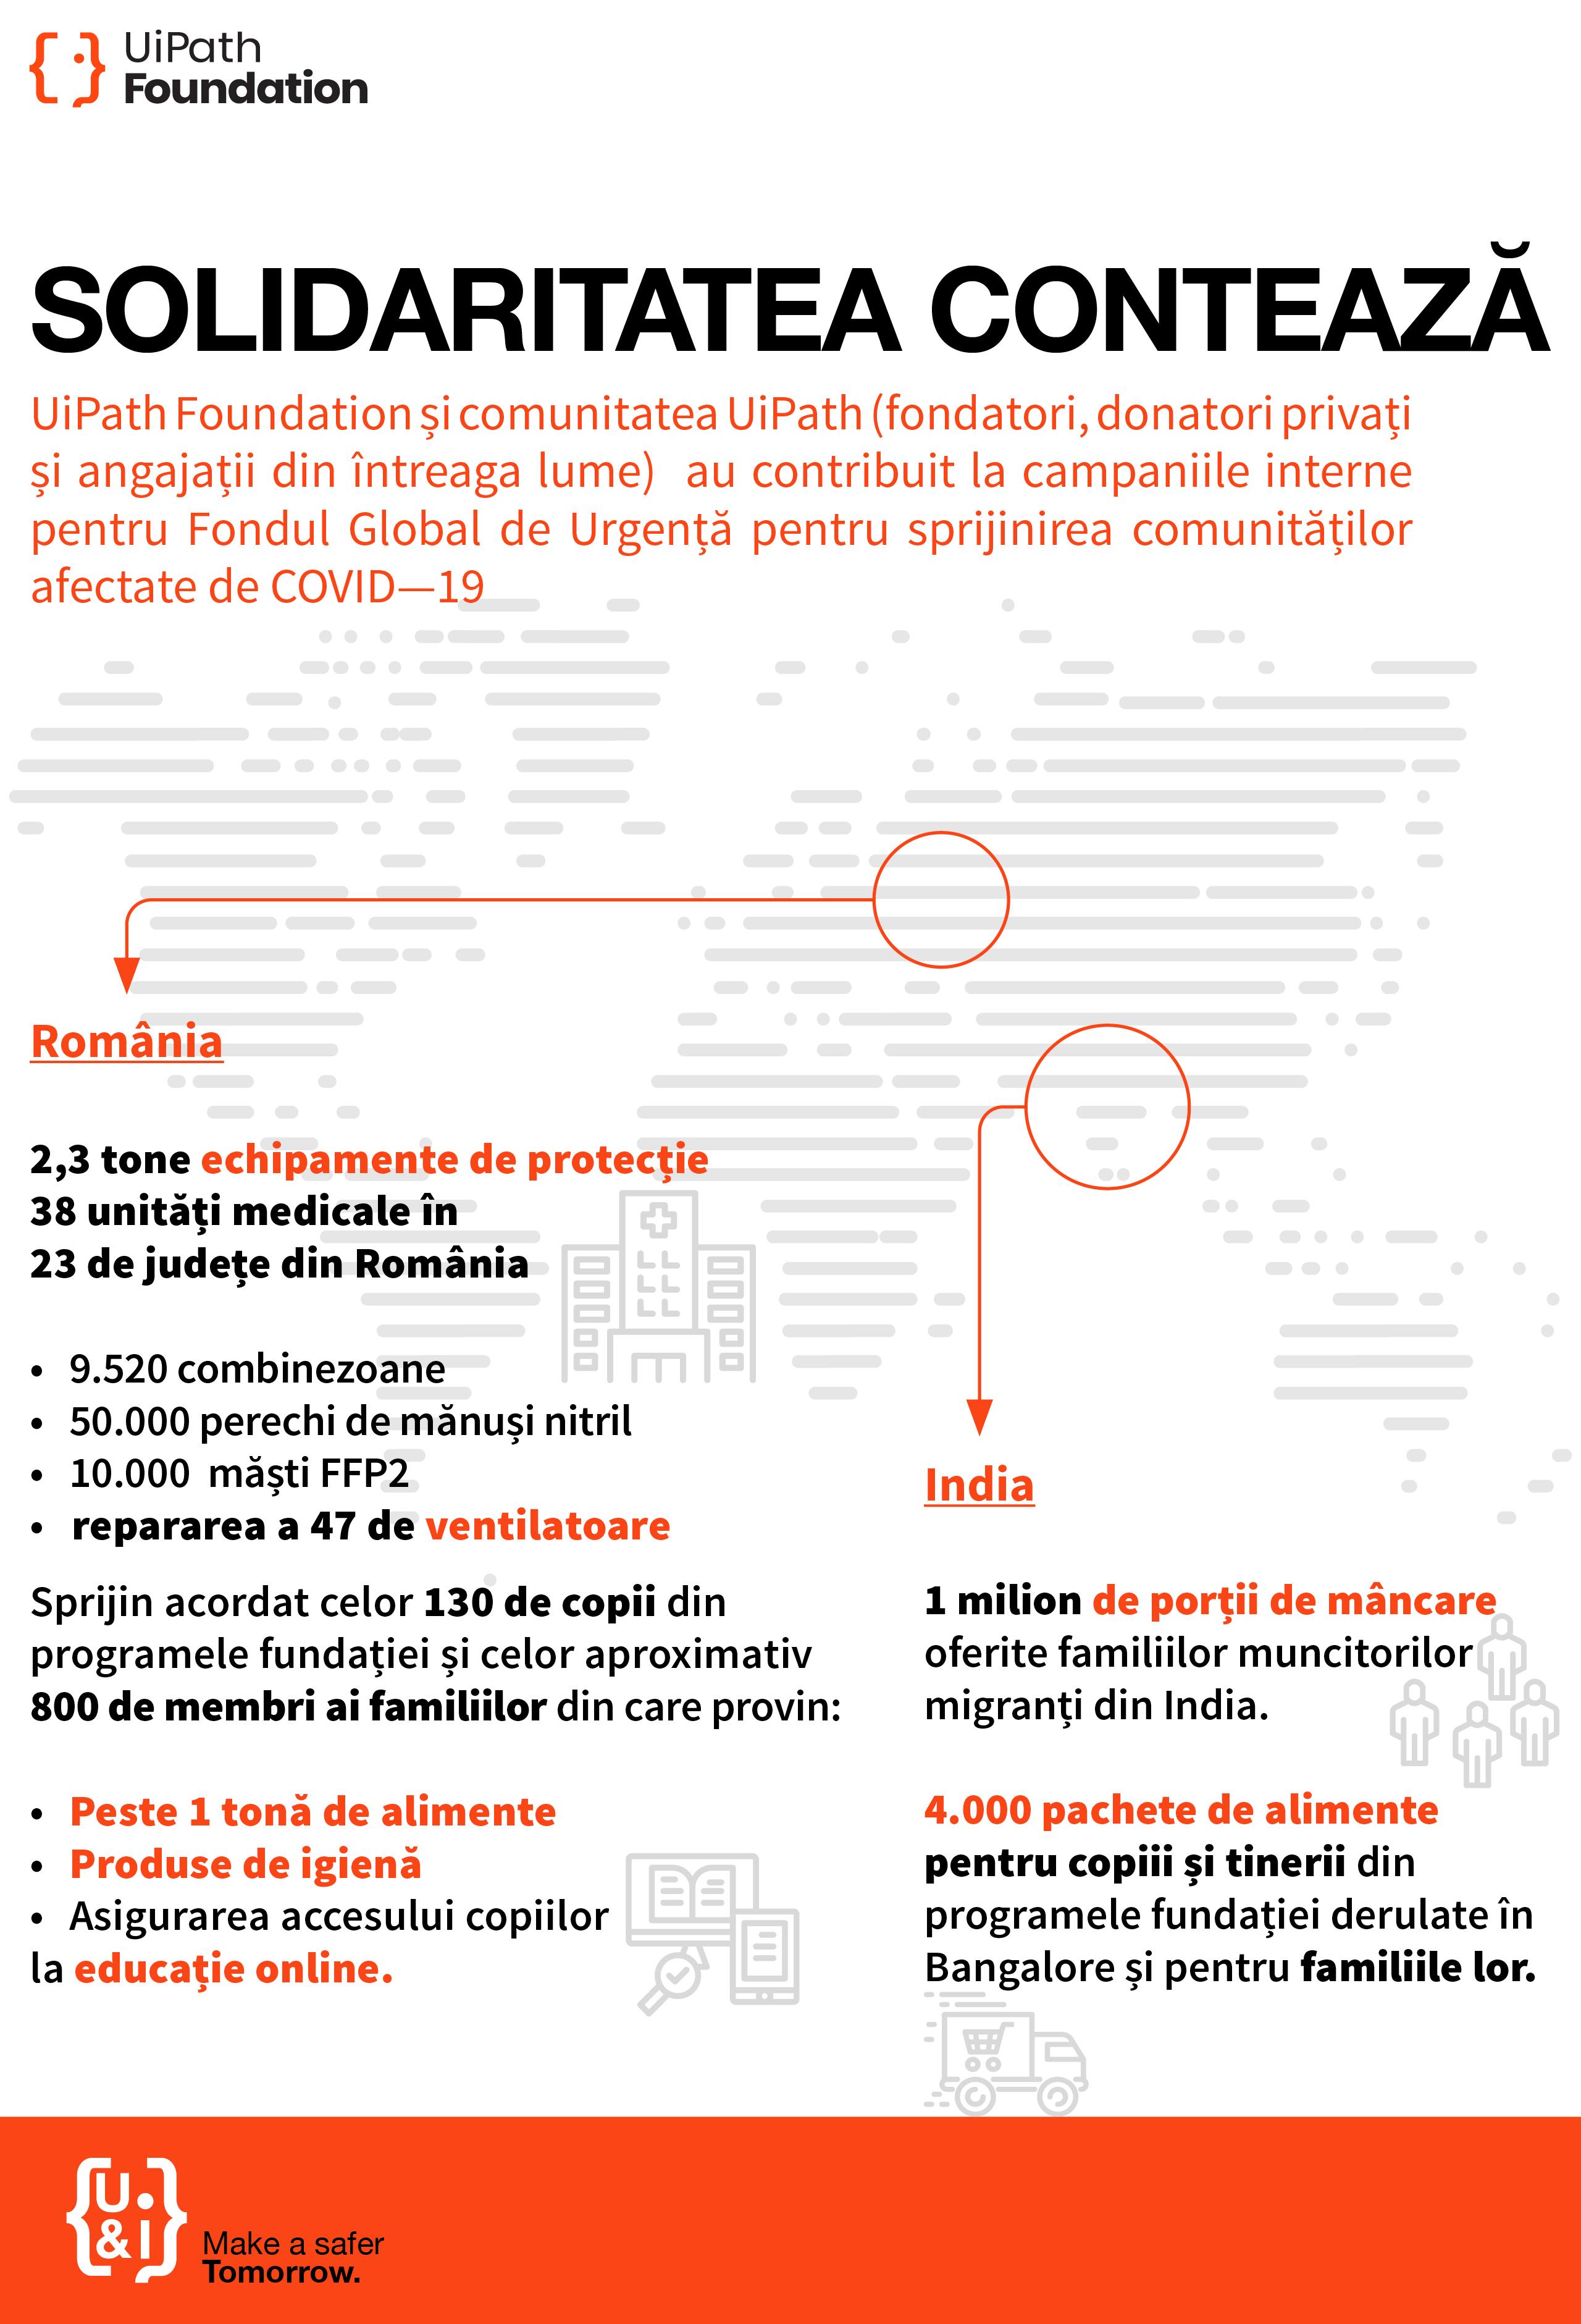 Grafic Comunicat de presă UiPath Foundation